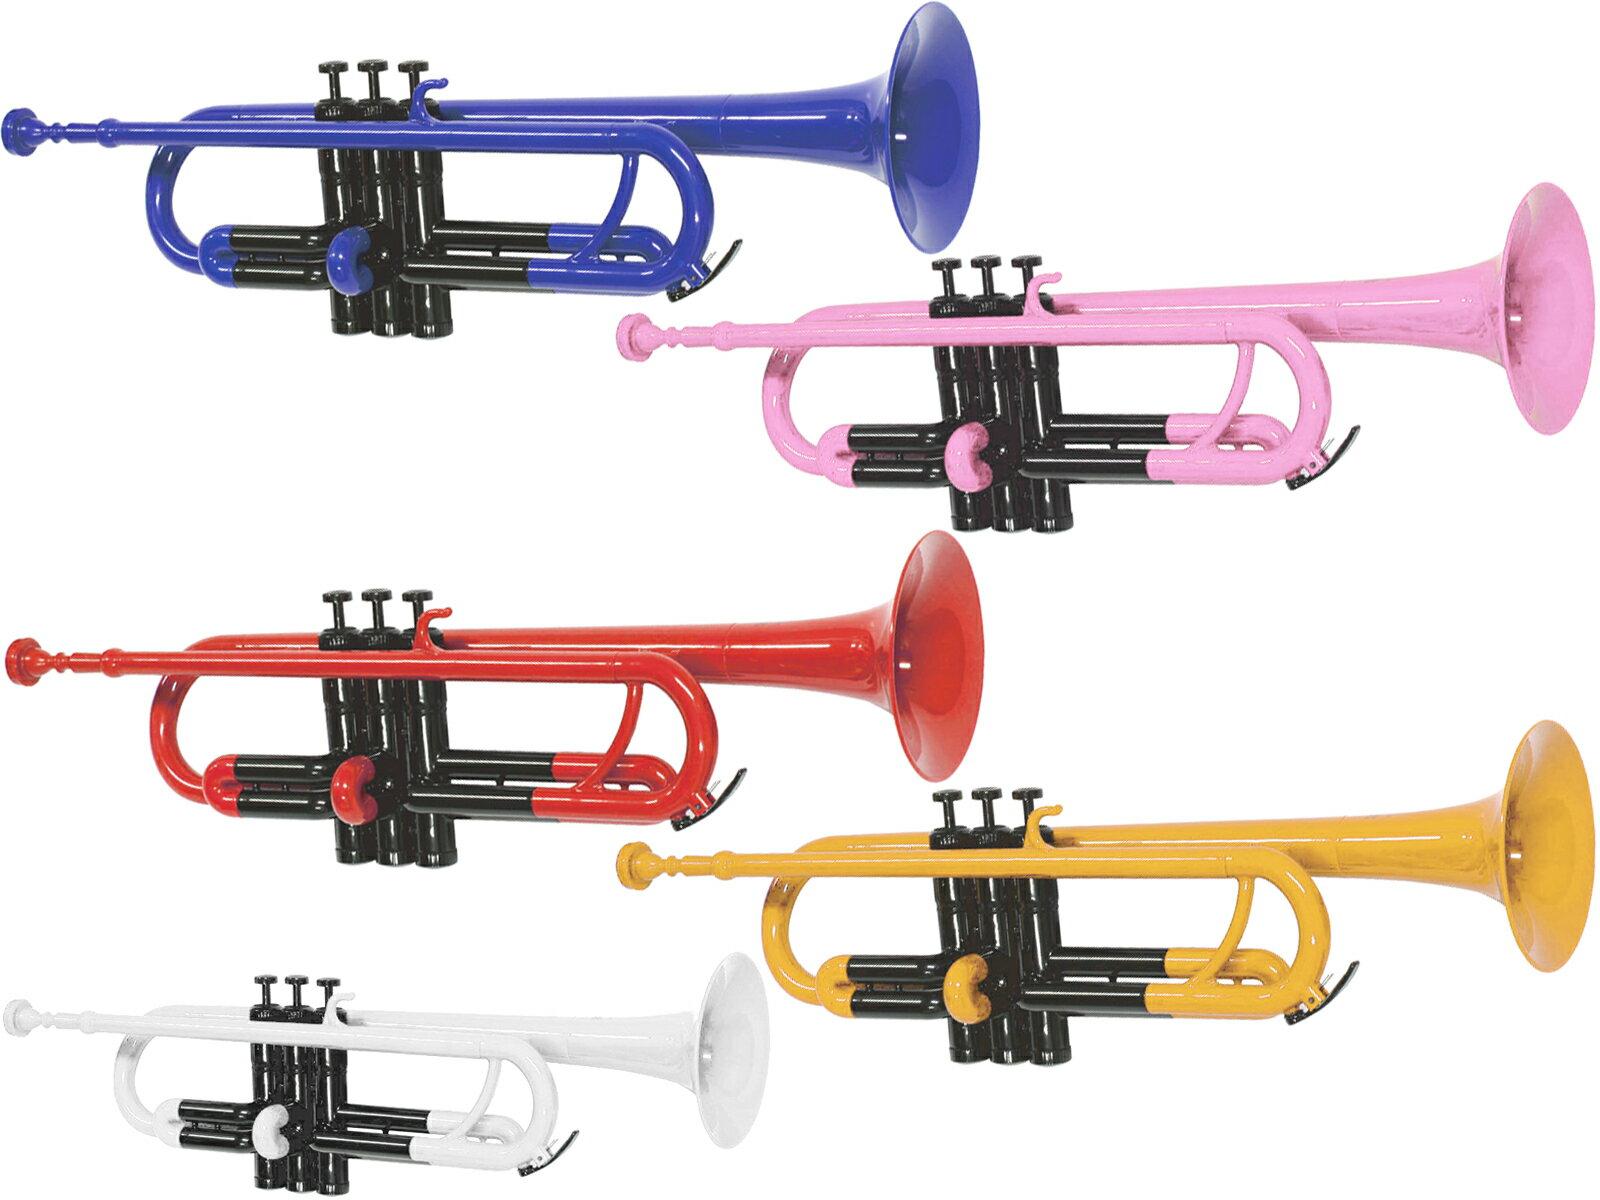 送料無料 プラスチック トランペット 新品 アウトレット ZPT-01 管楽器 B♭ ゼフ 本体 マウスピース ソフトケース セット レッド ブルー イエロー ピンク